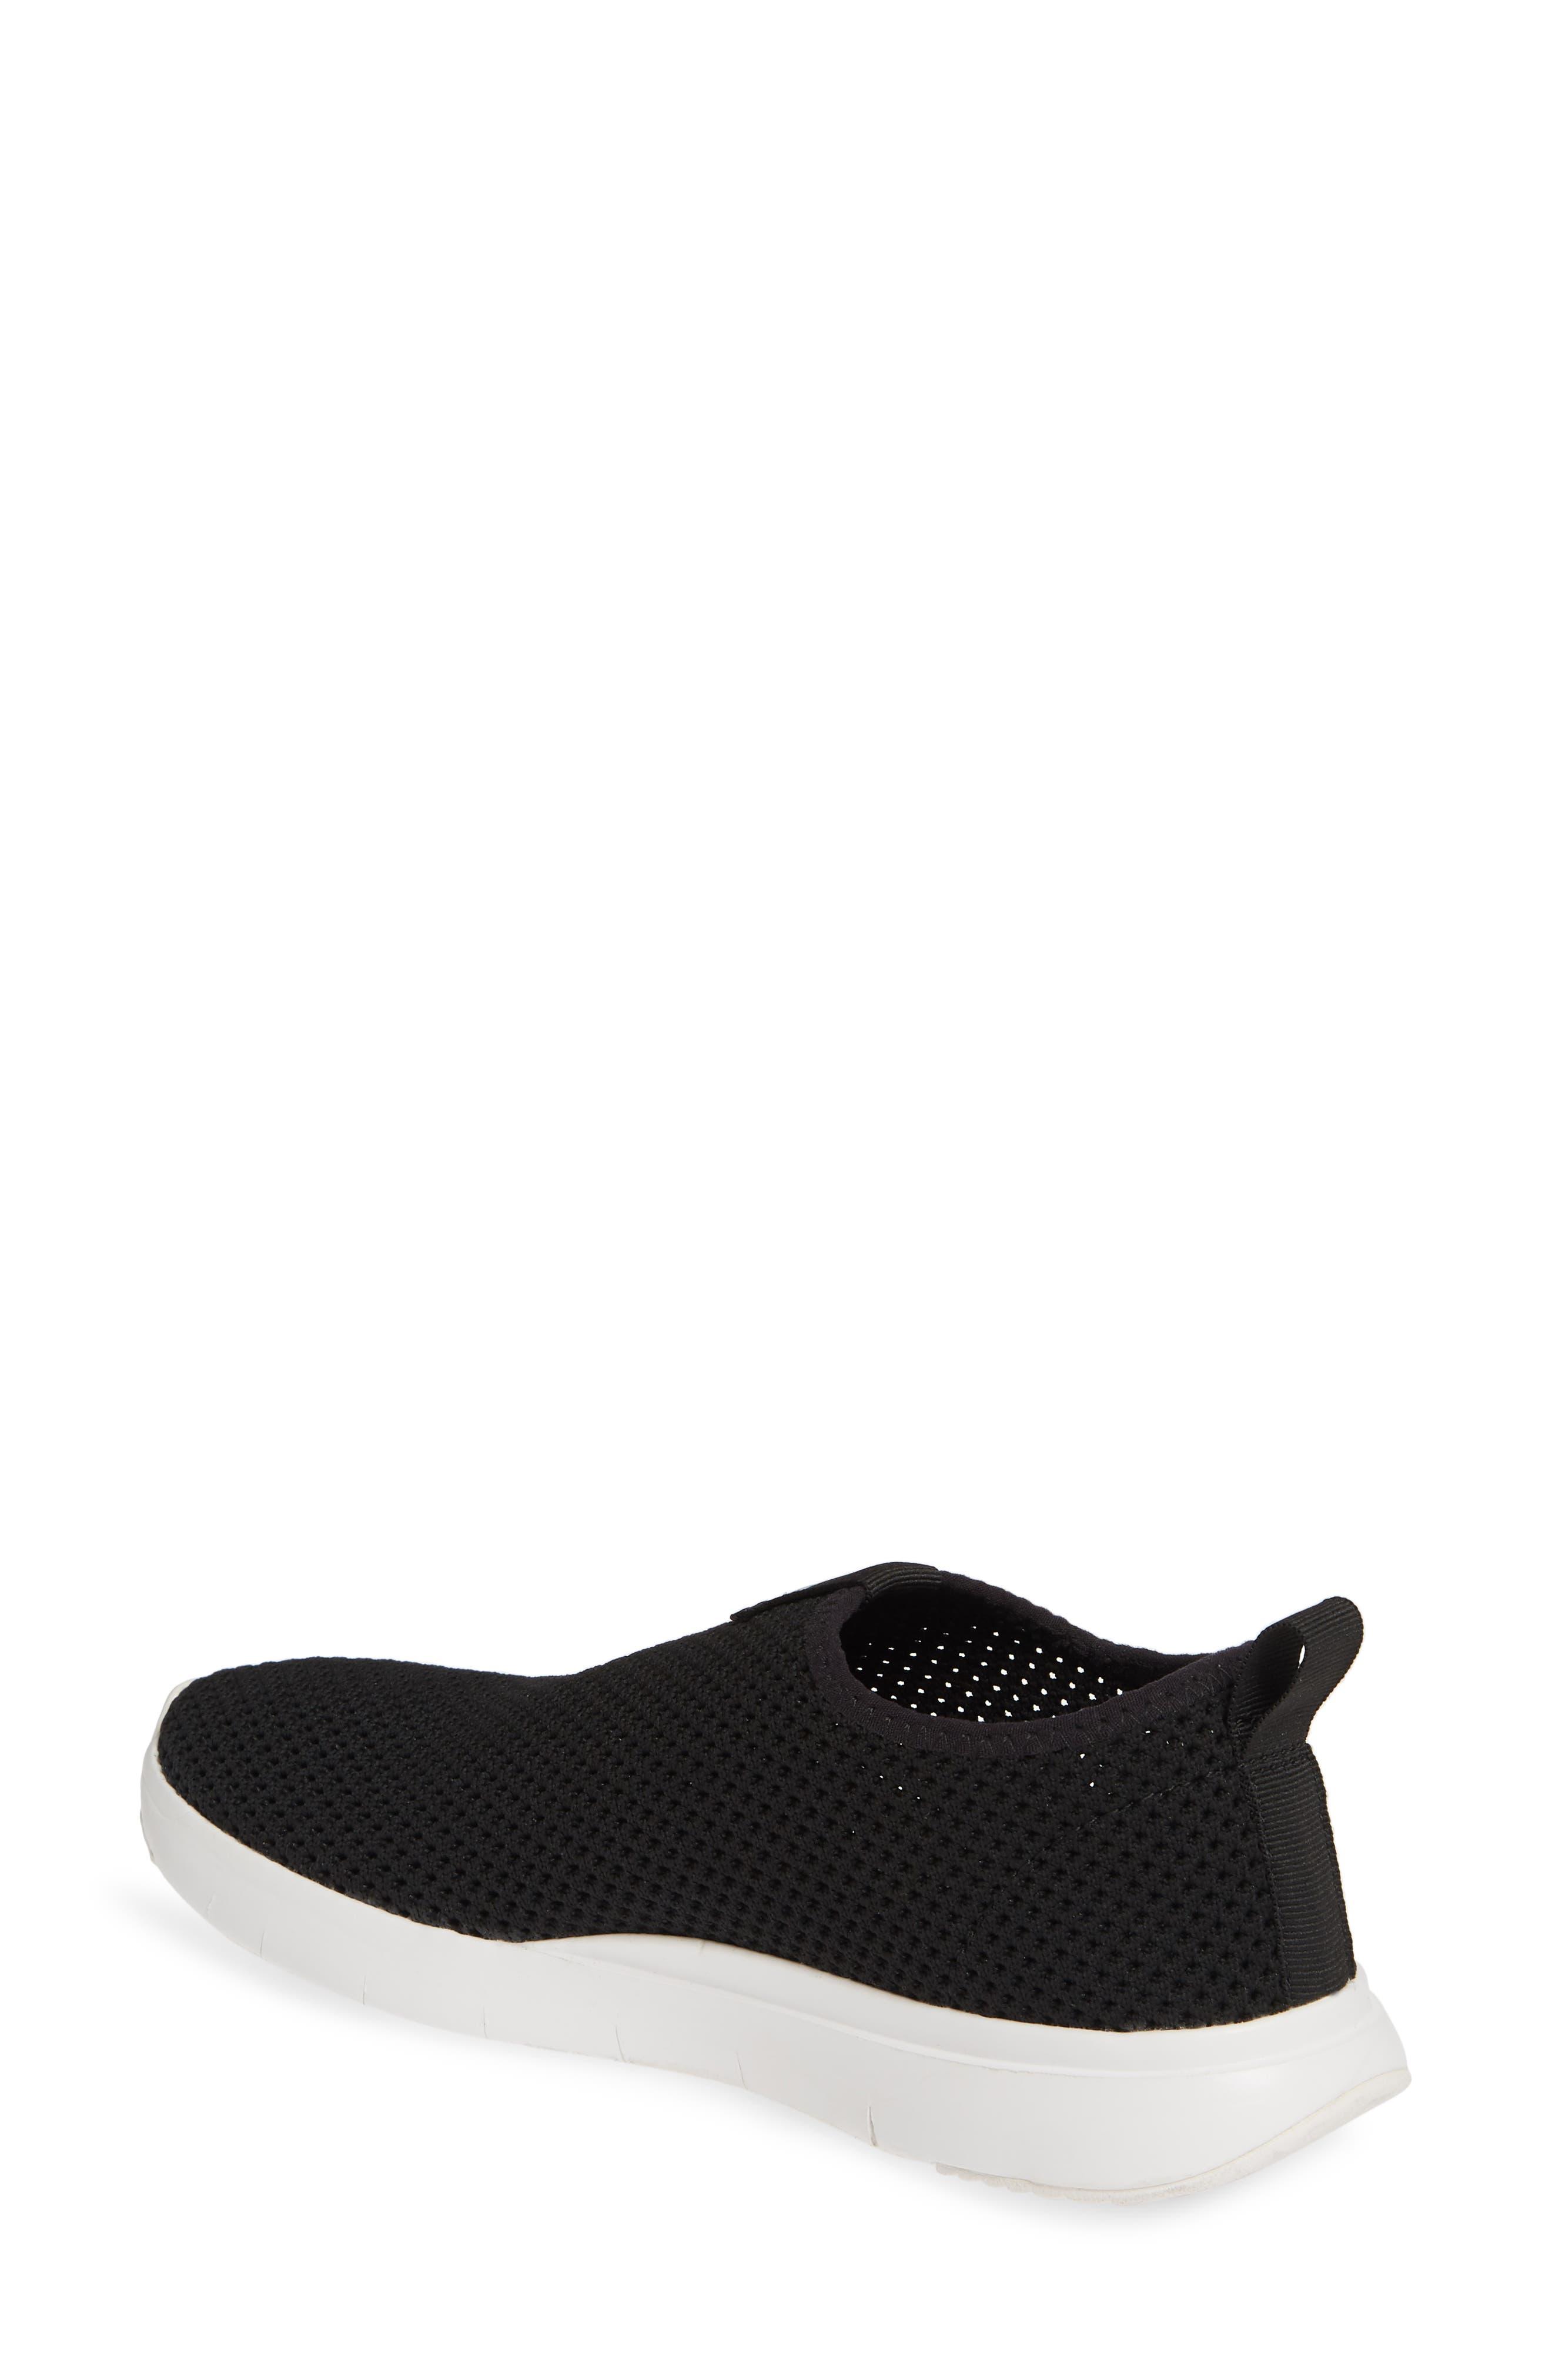 FITFLOP, Airmesh Slip-On Sneaker, Alternate thumbnail 2, color, BLACK